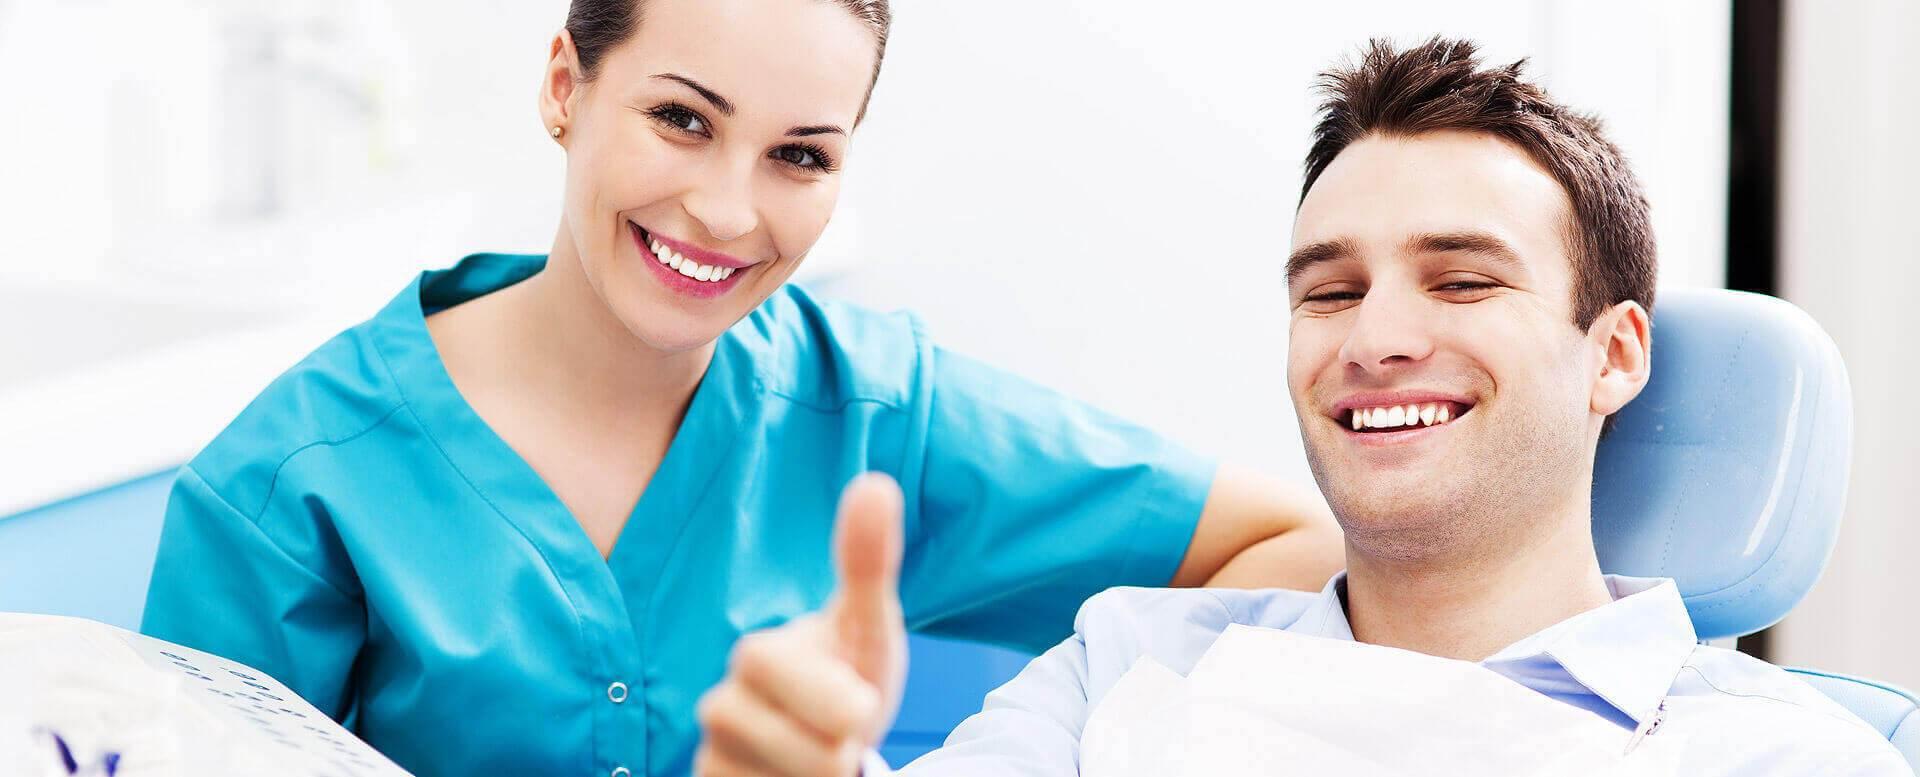 Centro Odontoiatrico Grimaldi Dentista Bologna